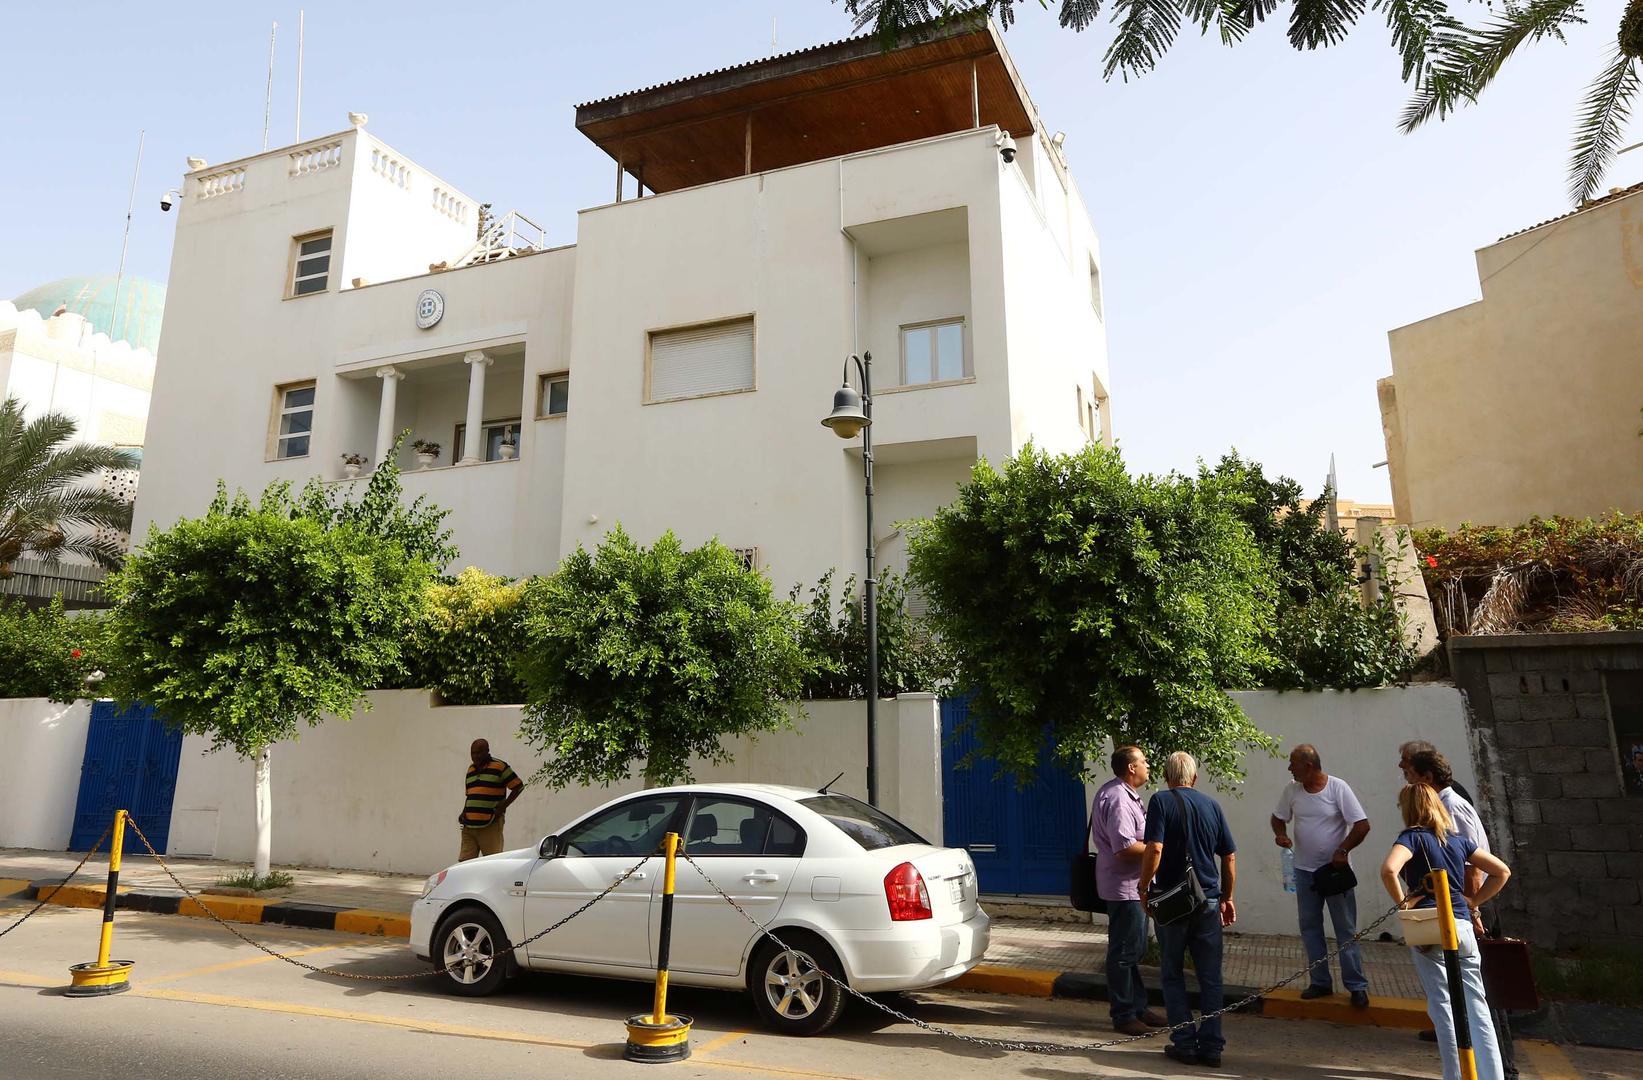 اليونان تستأنف عمل سفارتها في طرابلس وتفتح قنصليتها في بنغازي